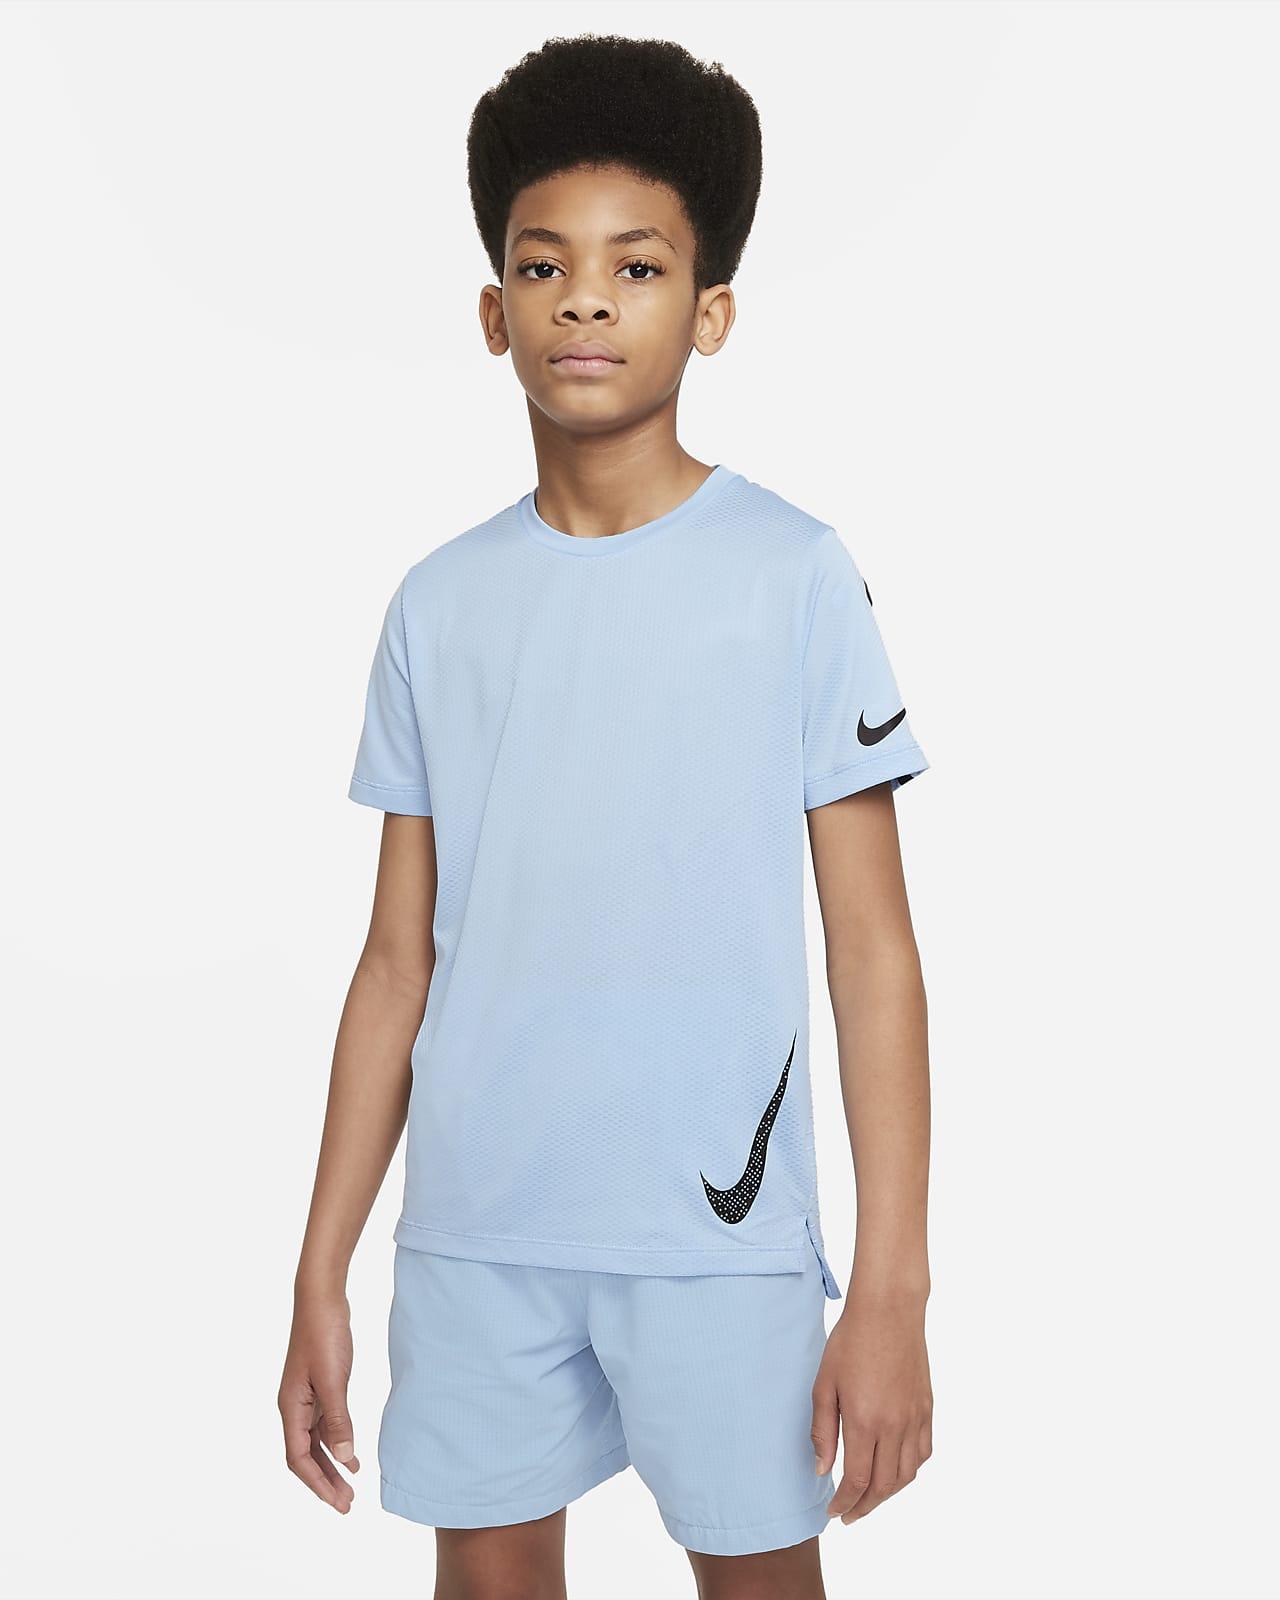 Nike Instacool Kısa Kollu Genç Çocuk (Erkek) Antrenman Üstü